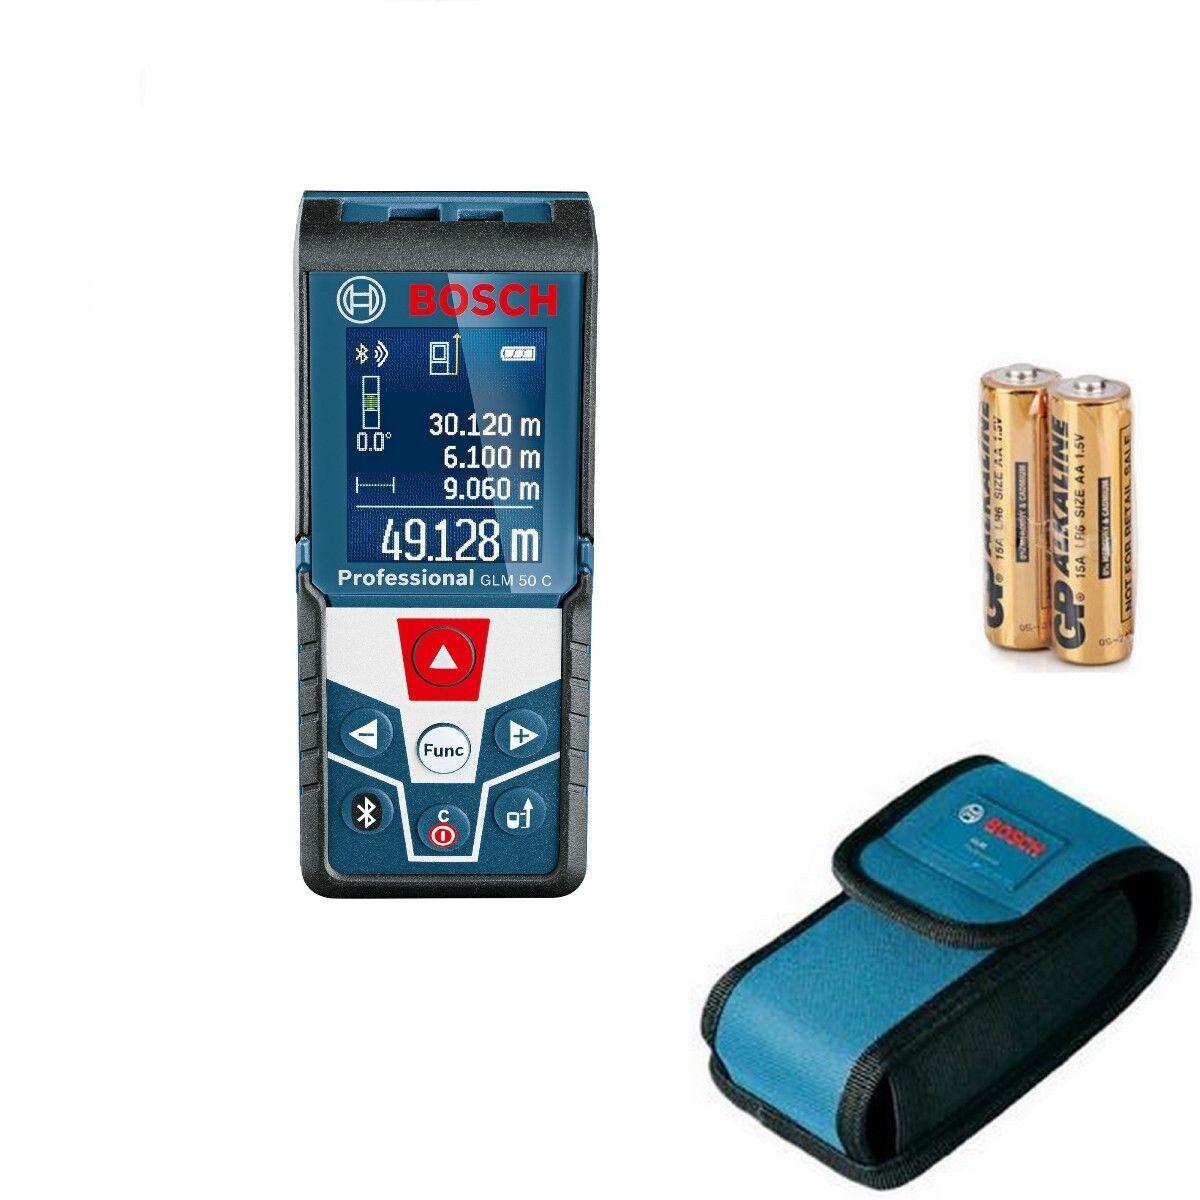 Bosch Laser-Entfernungsmesser GLM 50 C mit Farbdisplay Blautooth Professional